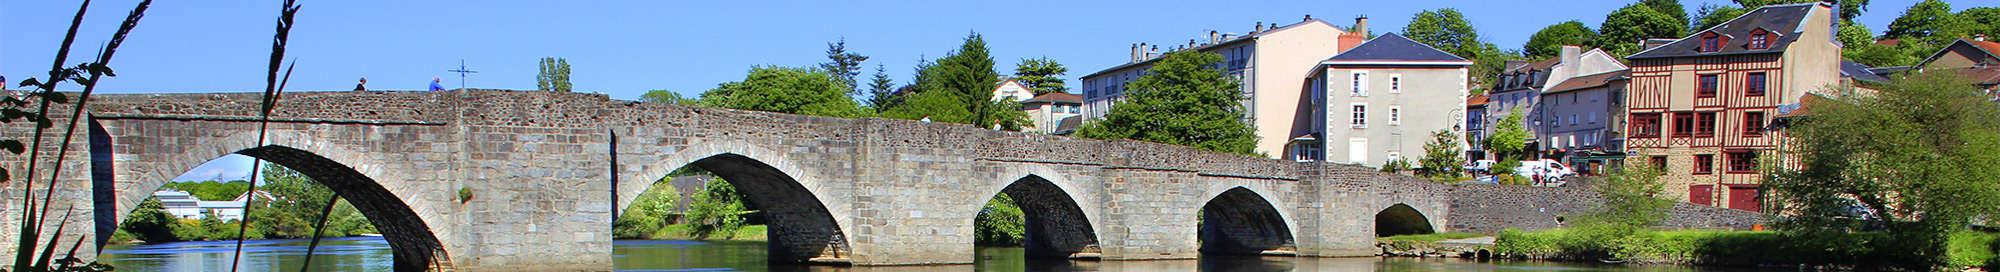 Week-end et séjour à Limoges